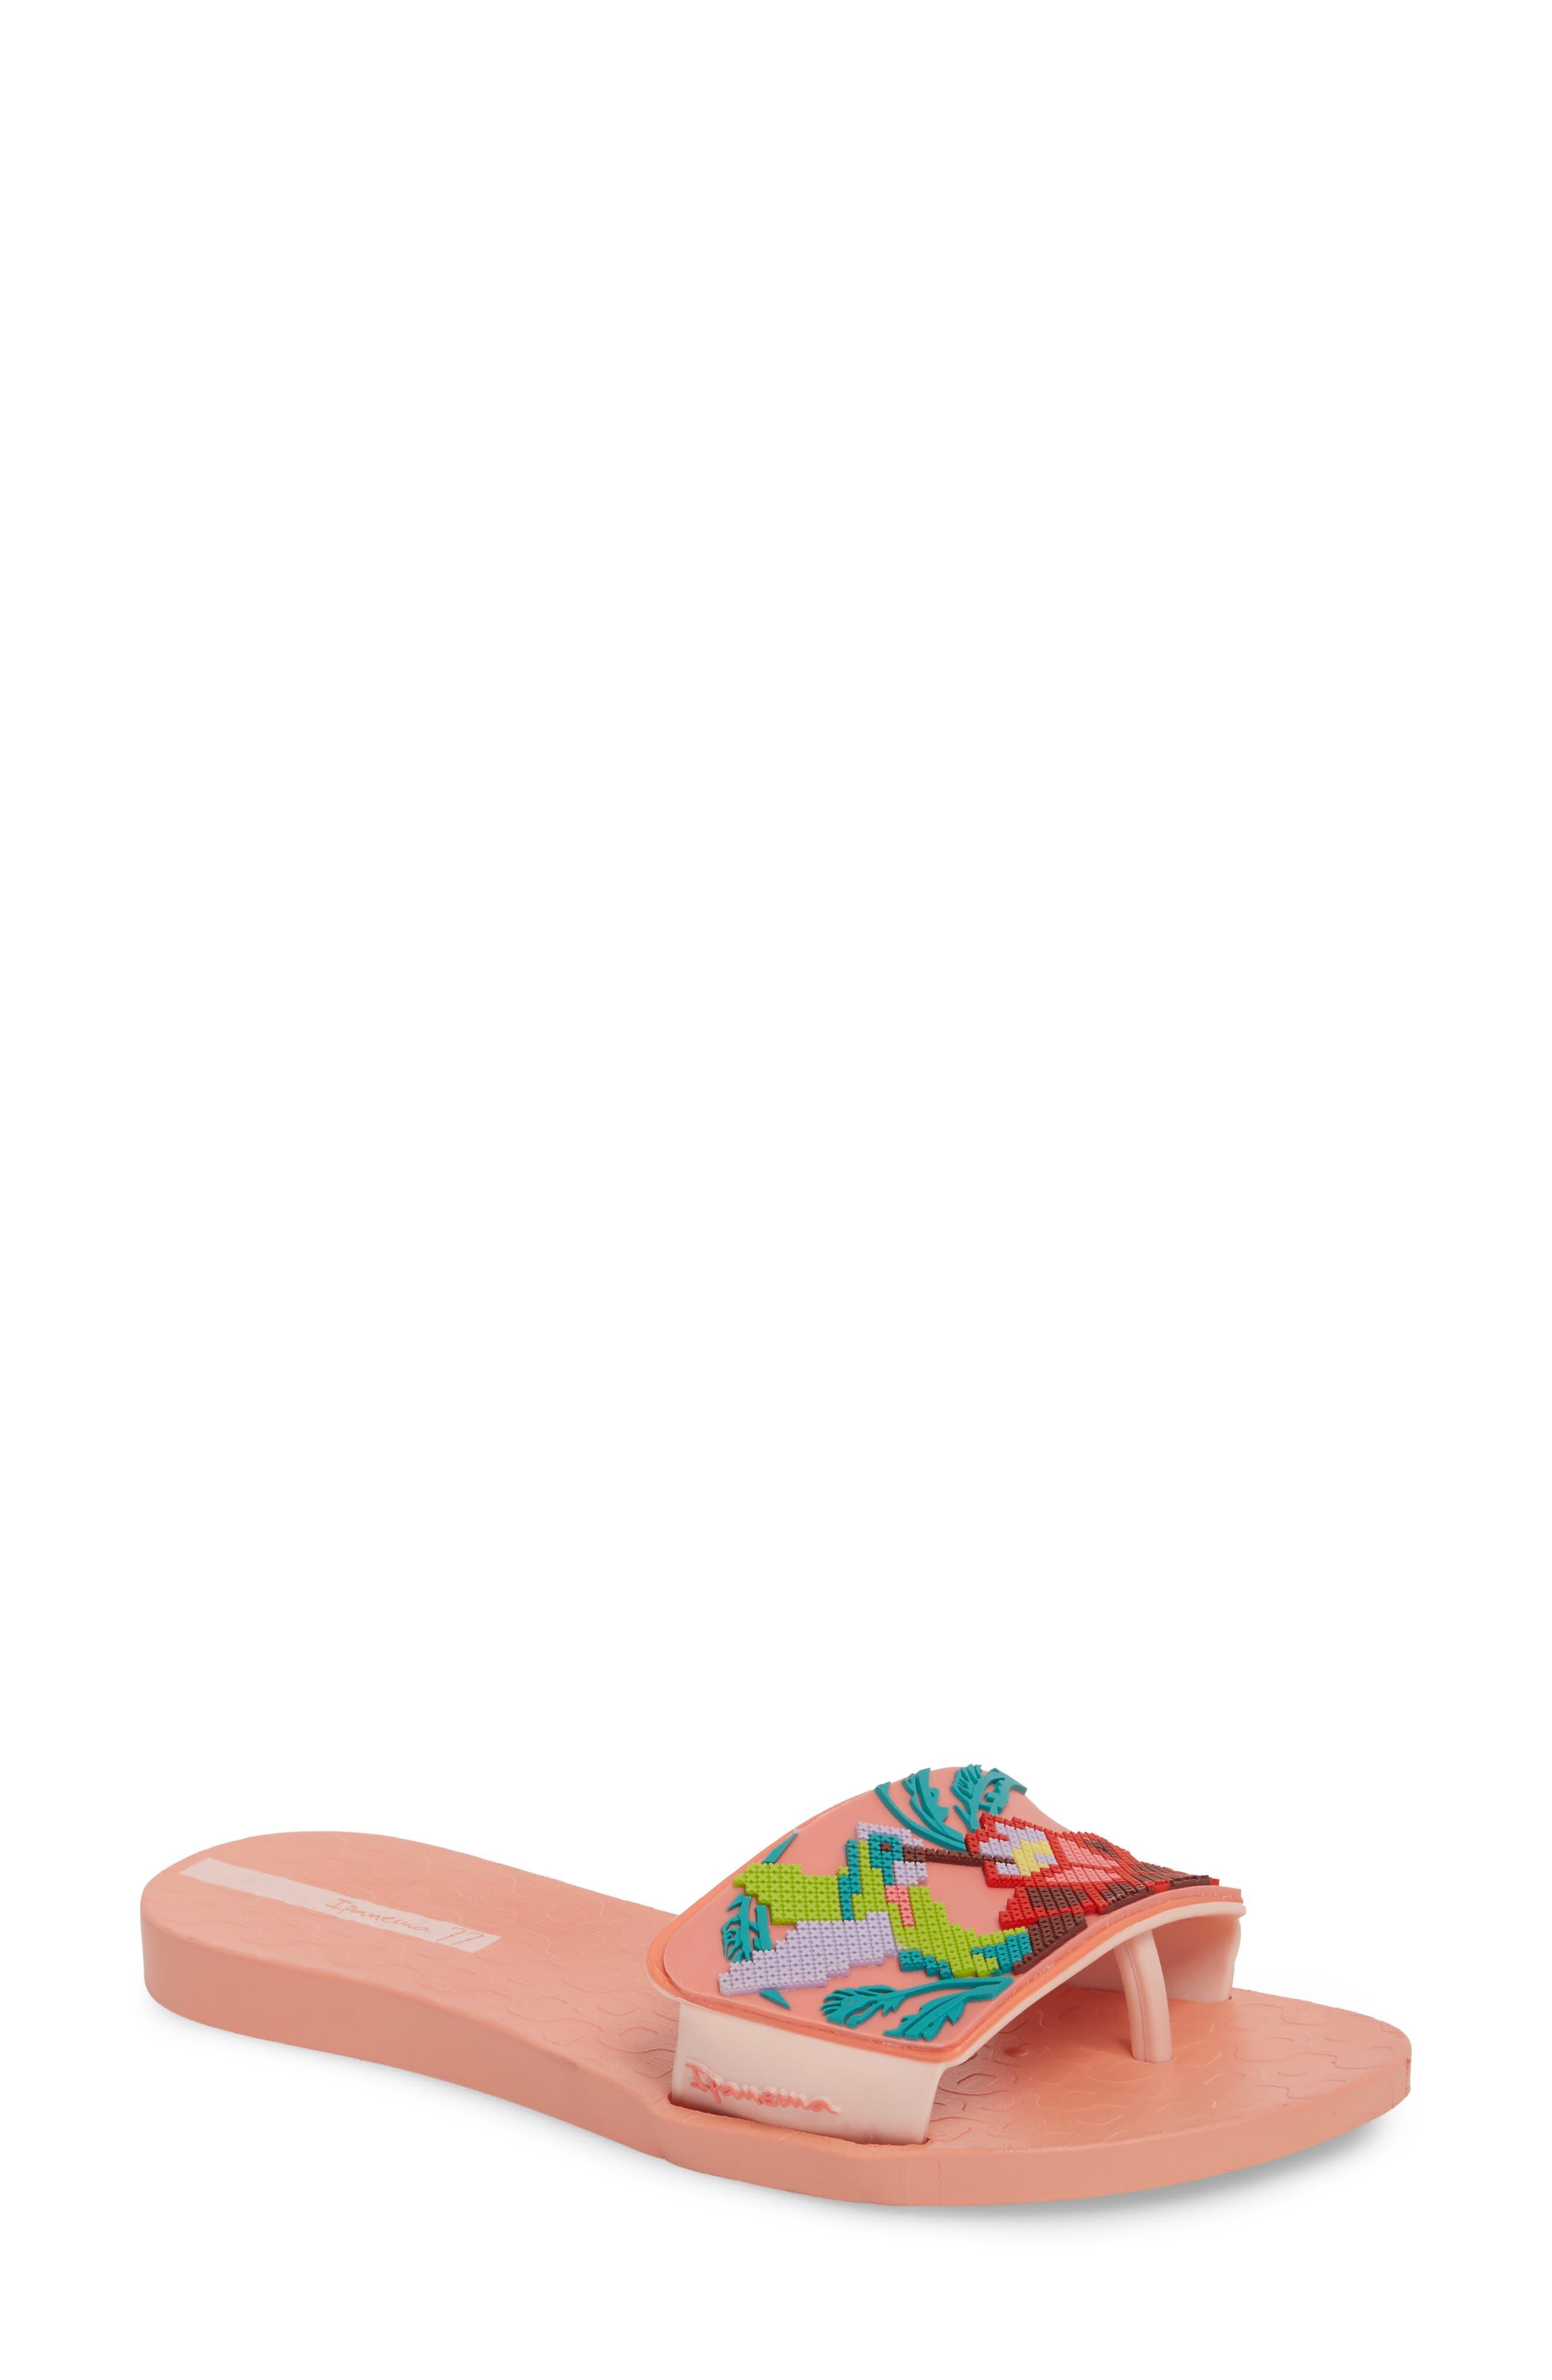 Nectar Floral Slide Sandal,                         Main,                         color, Orange/ Pink